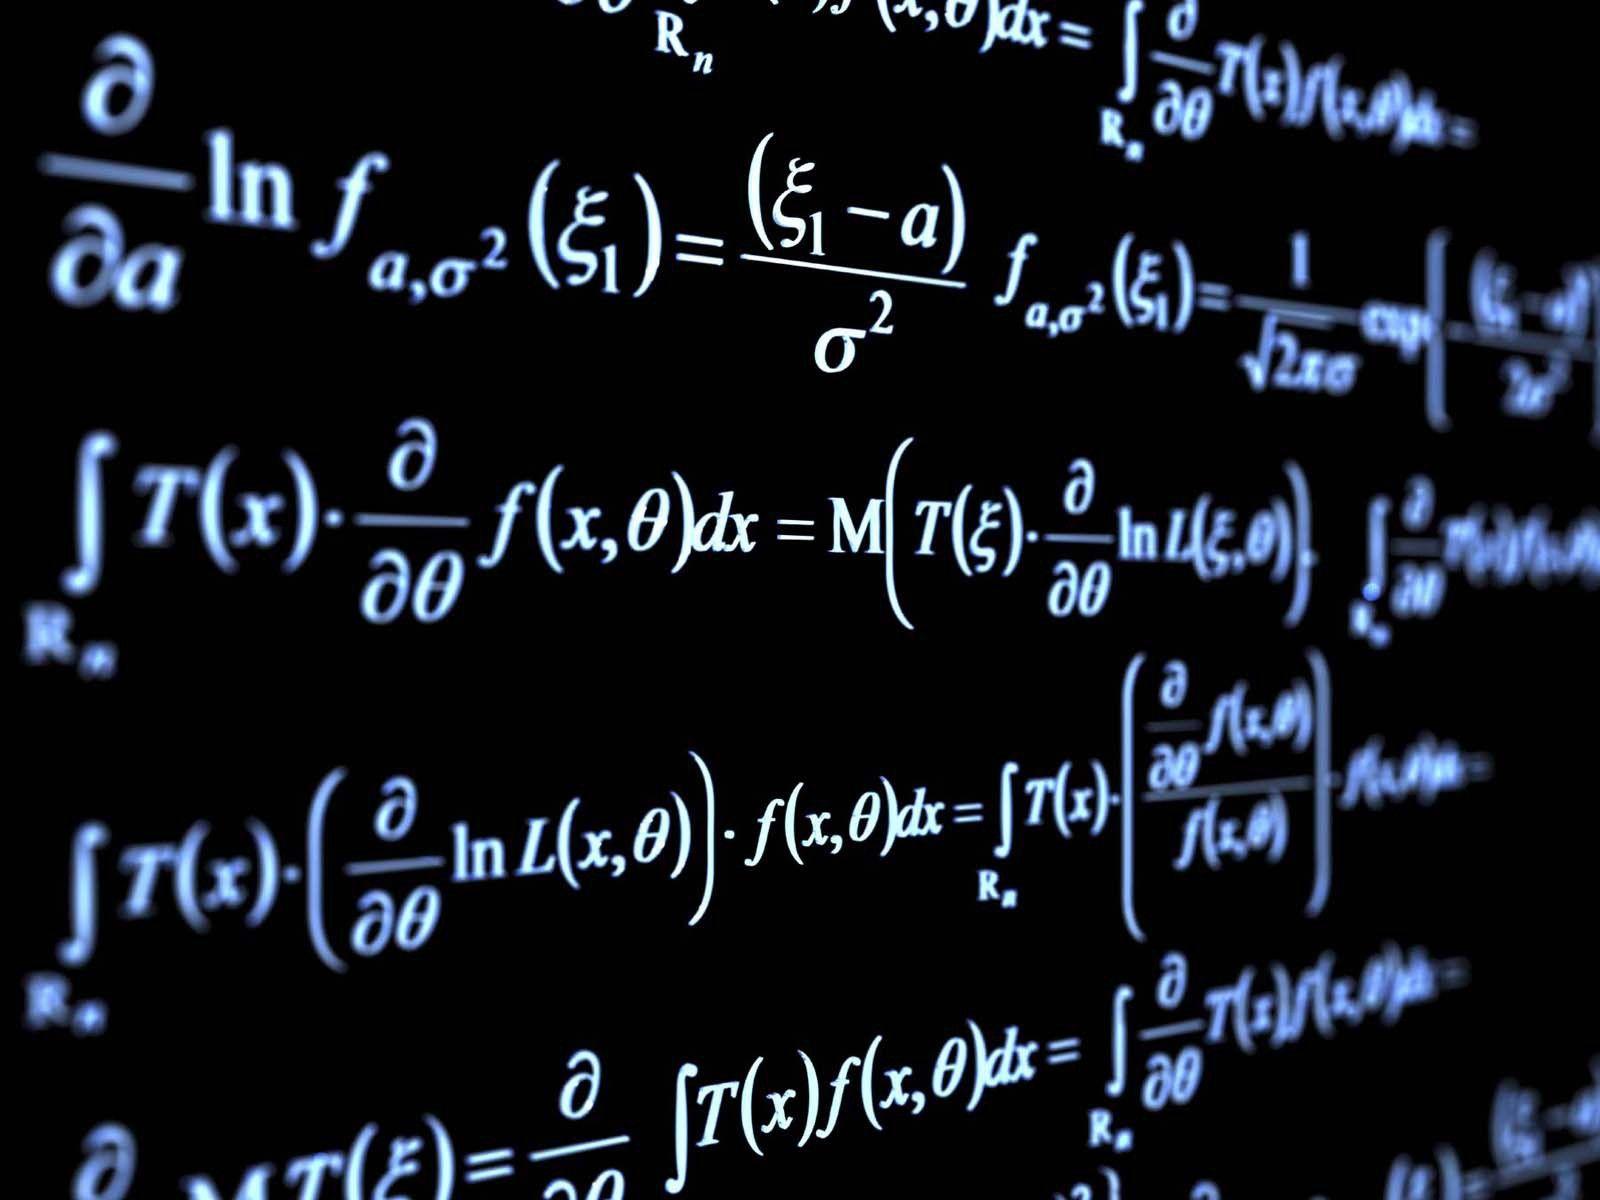 Le principal problème en France n'est pas celui d'une sur-représentation de l'algèbre, mais au contraire de progressions inadaptées, et en définitive d'un déficit d'enseignement en la matière.